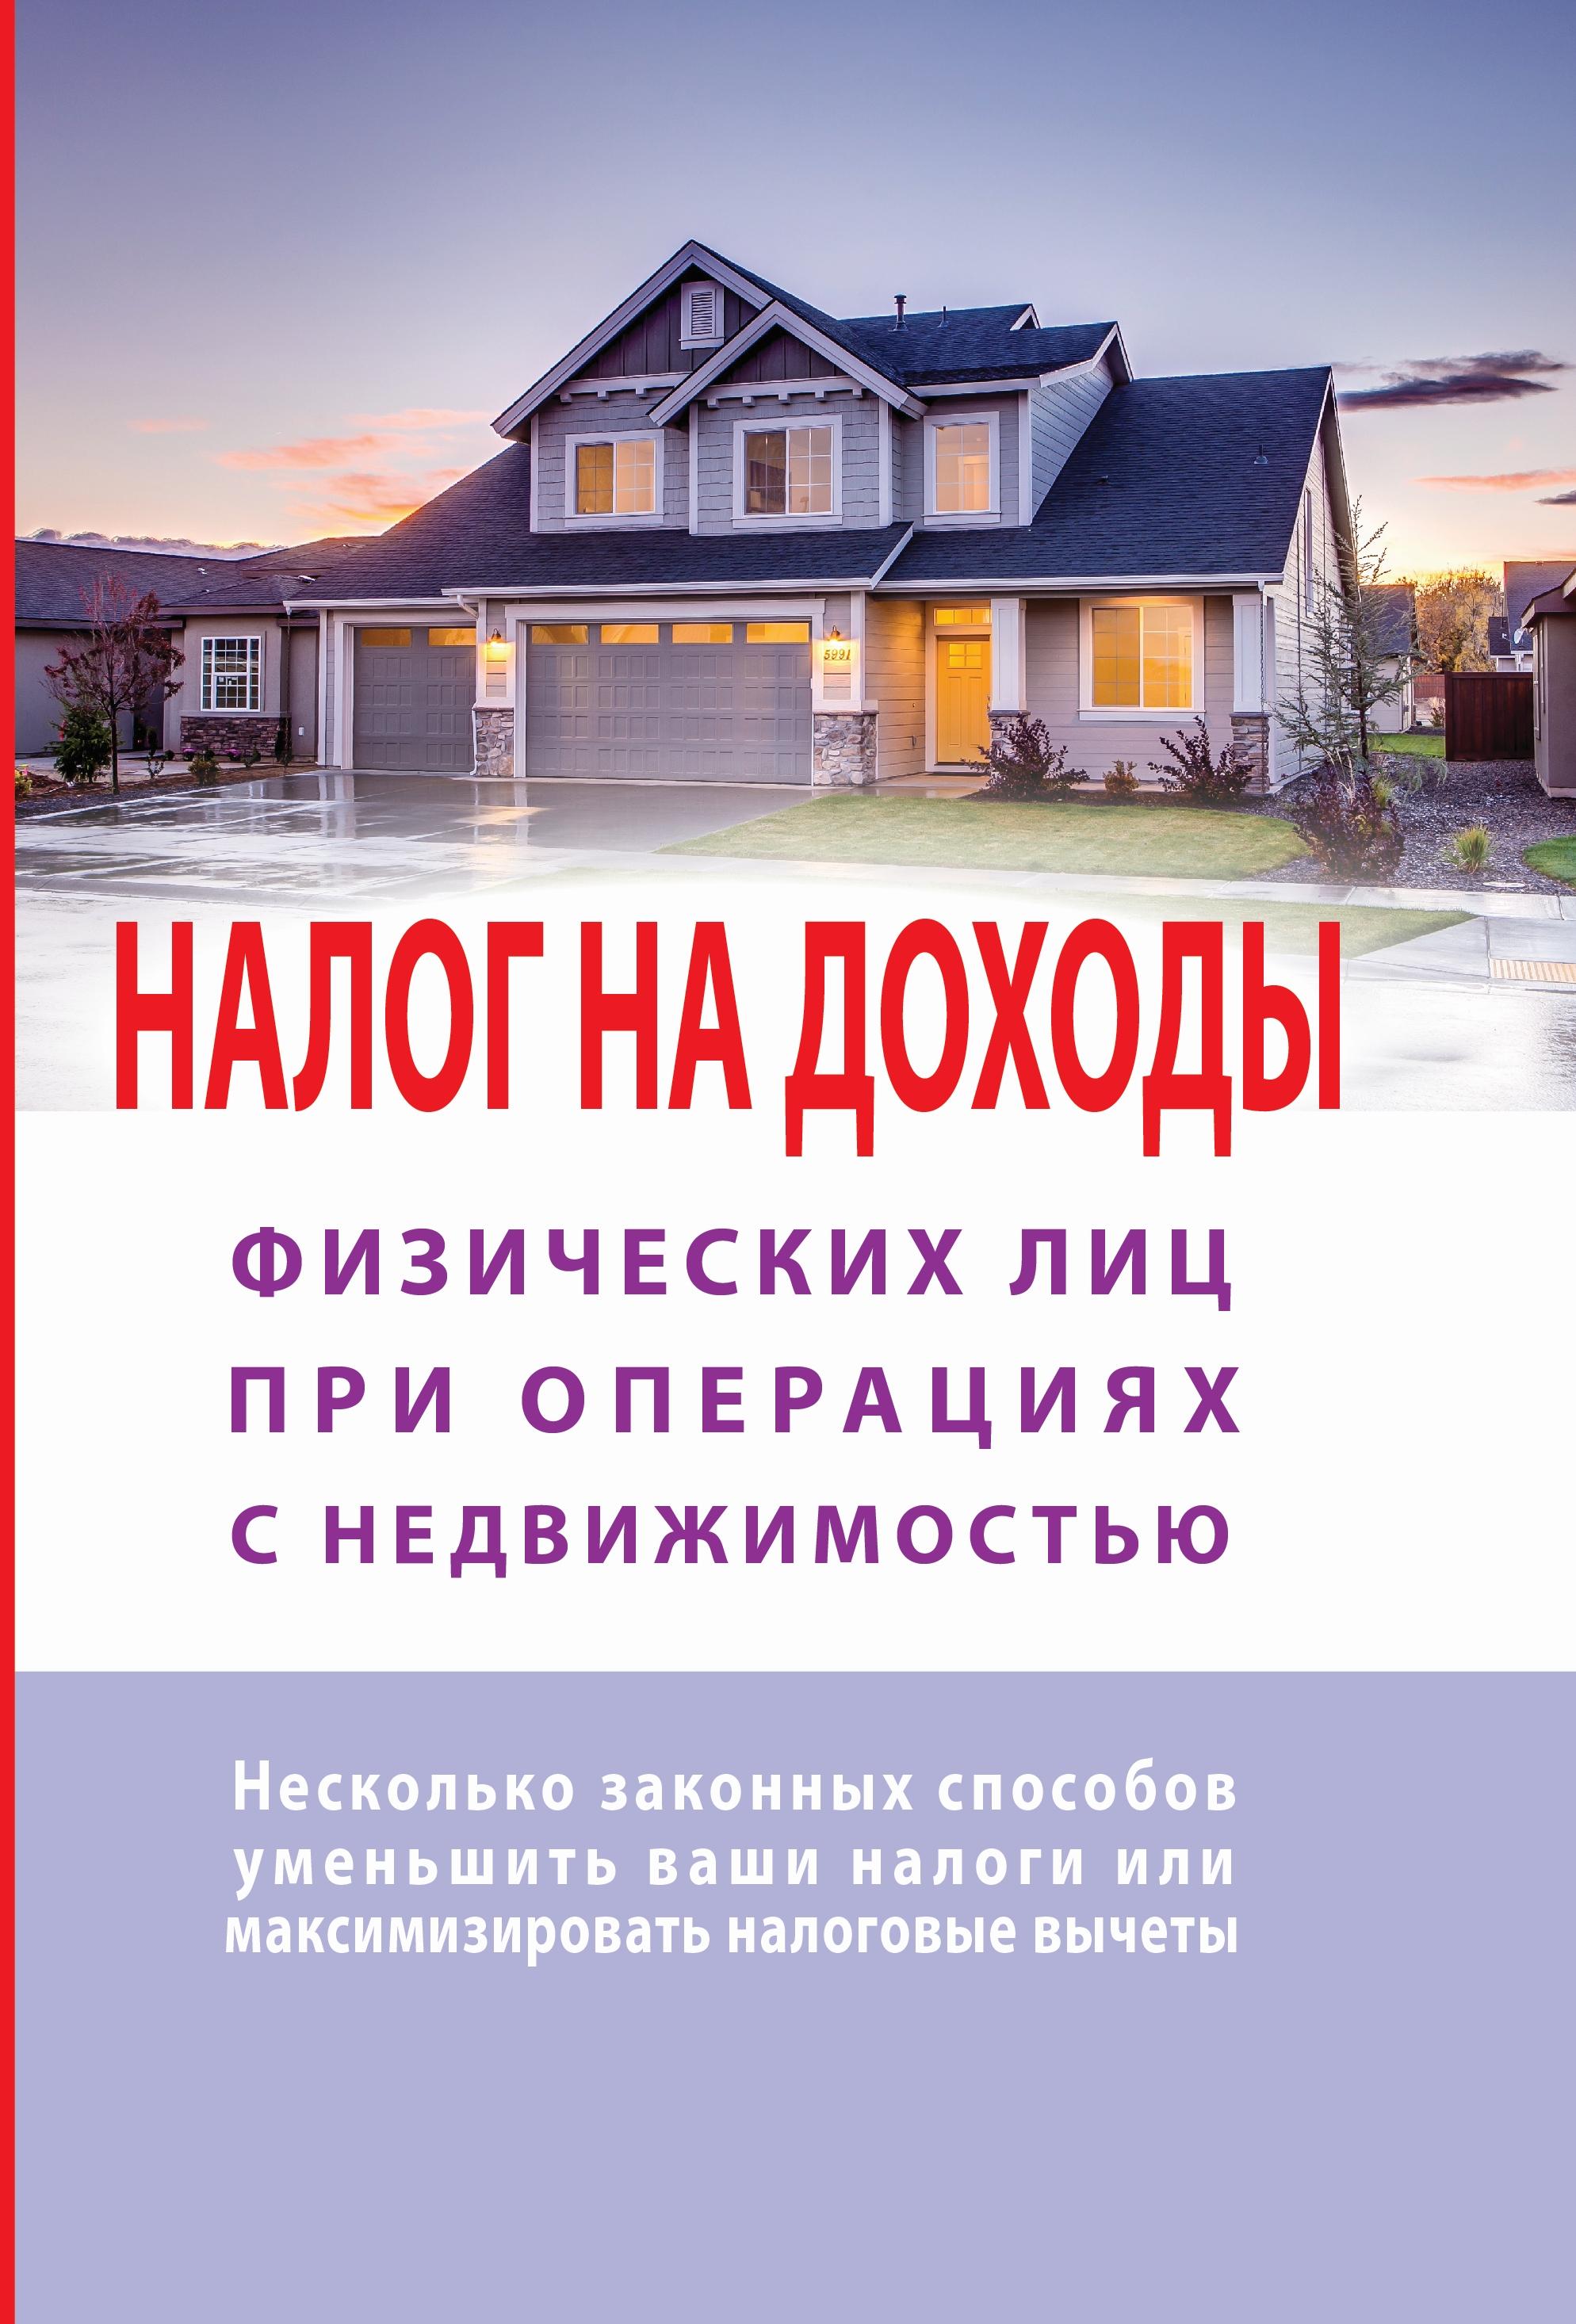 Обложка книги Налог на доходы физических лиц при операциях с недвижимостью. Самоучитель